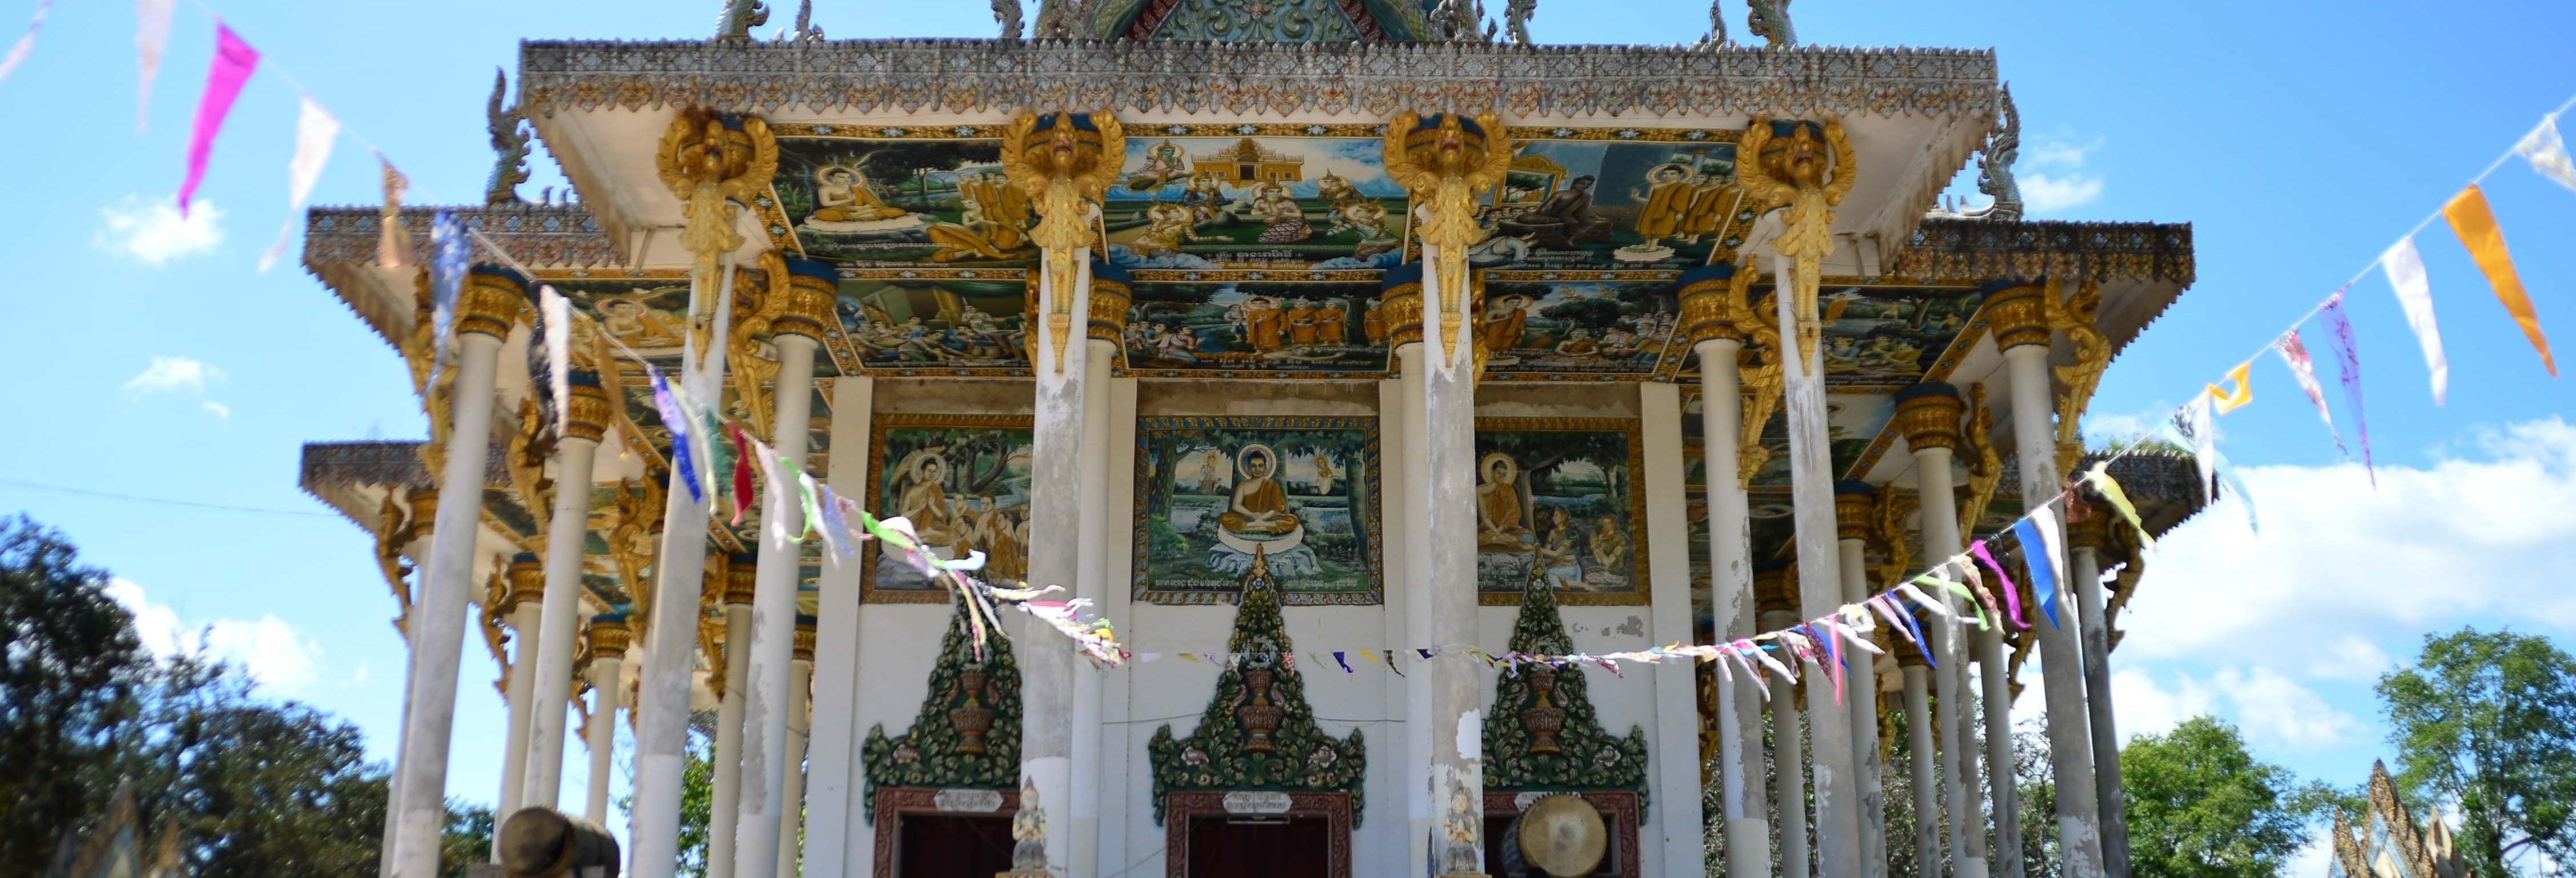 Excursión a Battambang